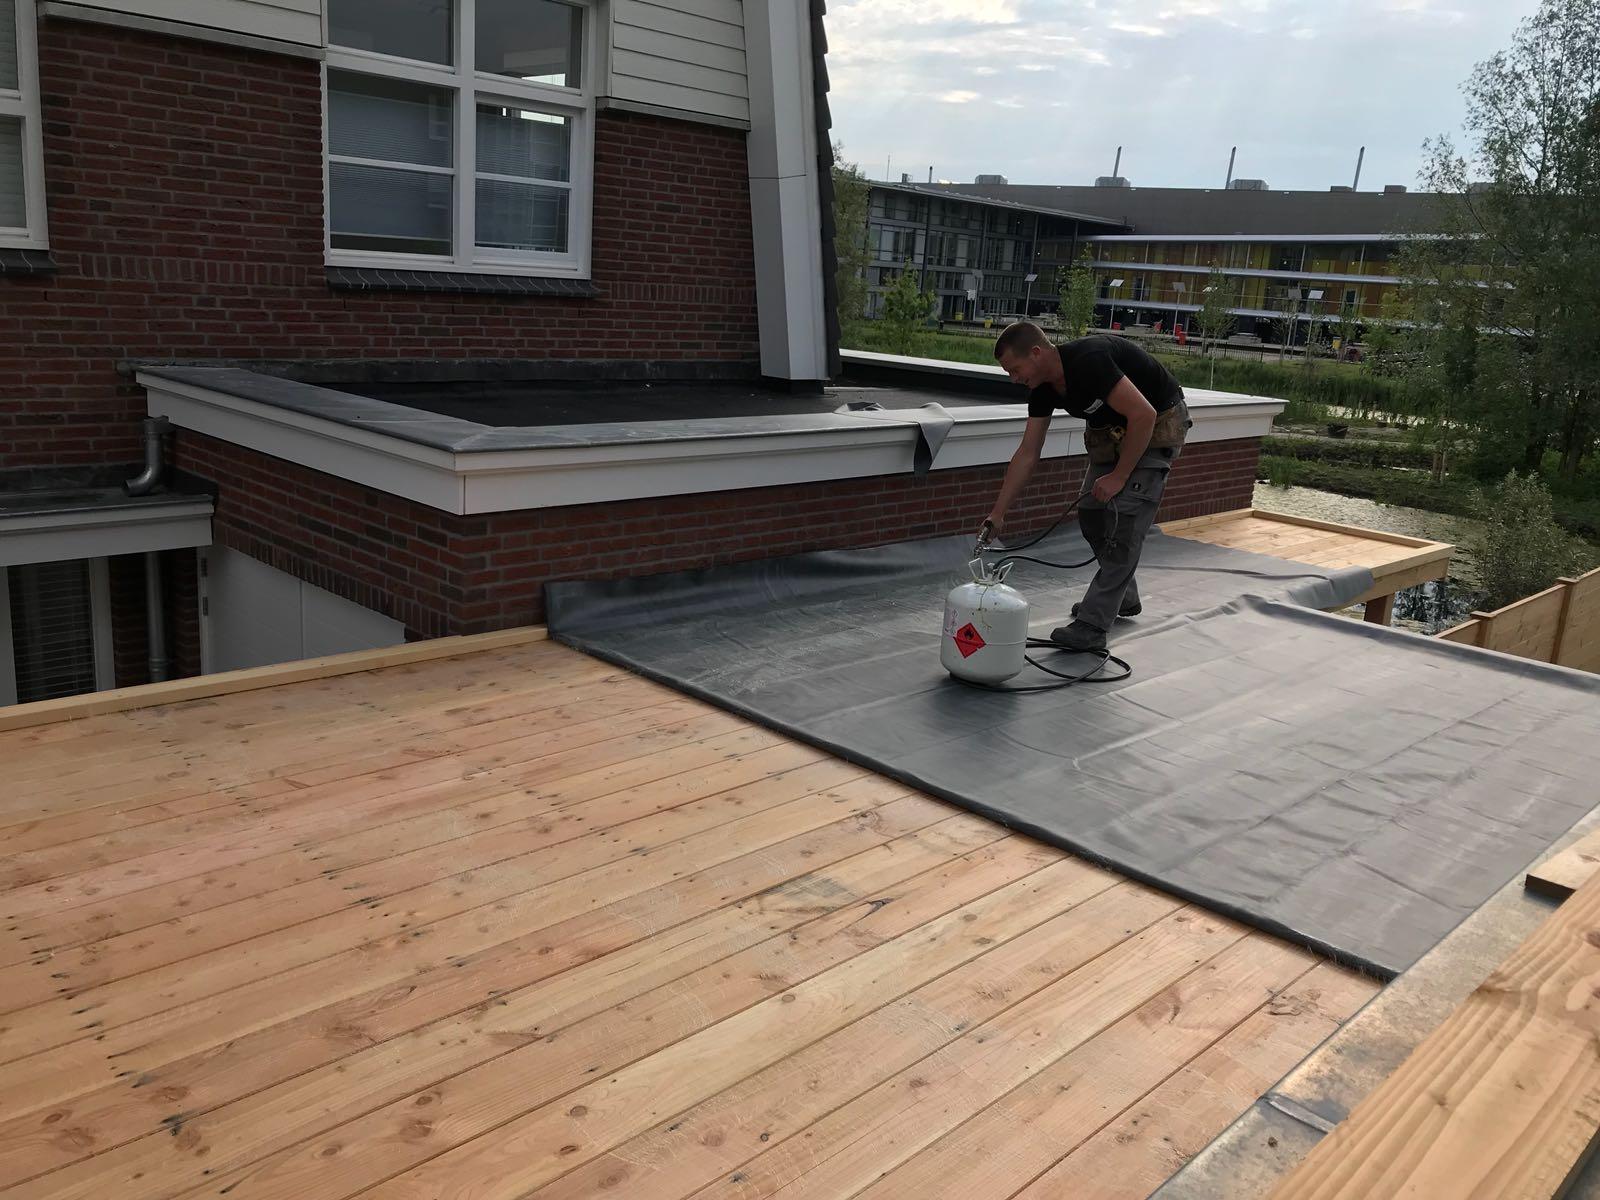 beplakken van dak met epdm